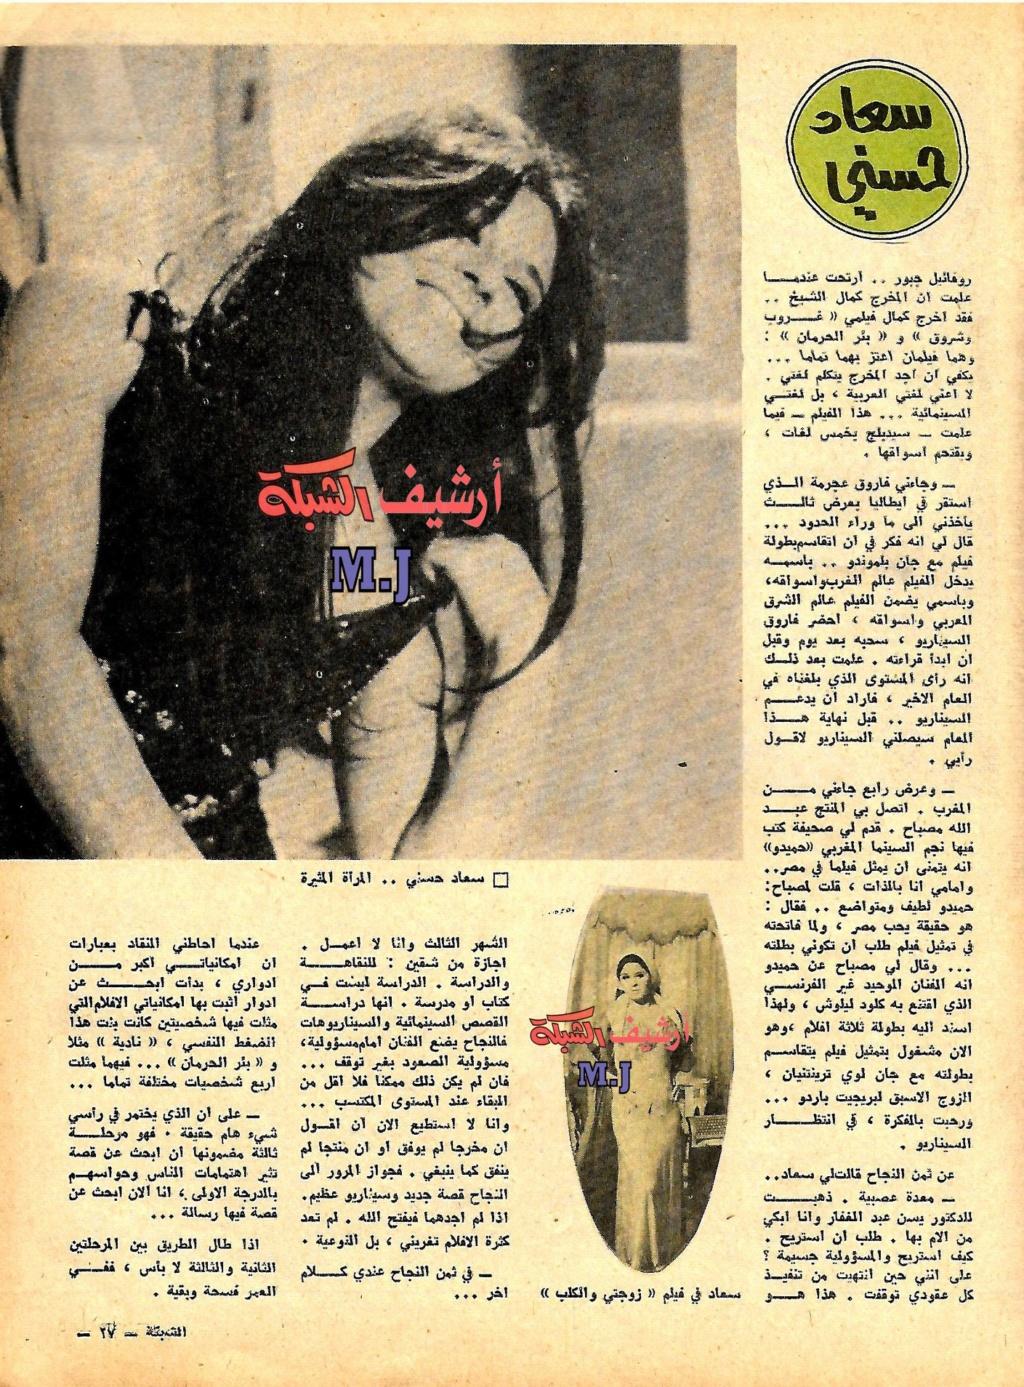 صحفي - حوار صحفي : سعاد حسني .. حرمتها الأقدار من فستان العرس 1971 م 243